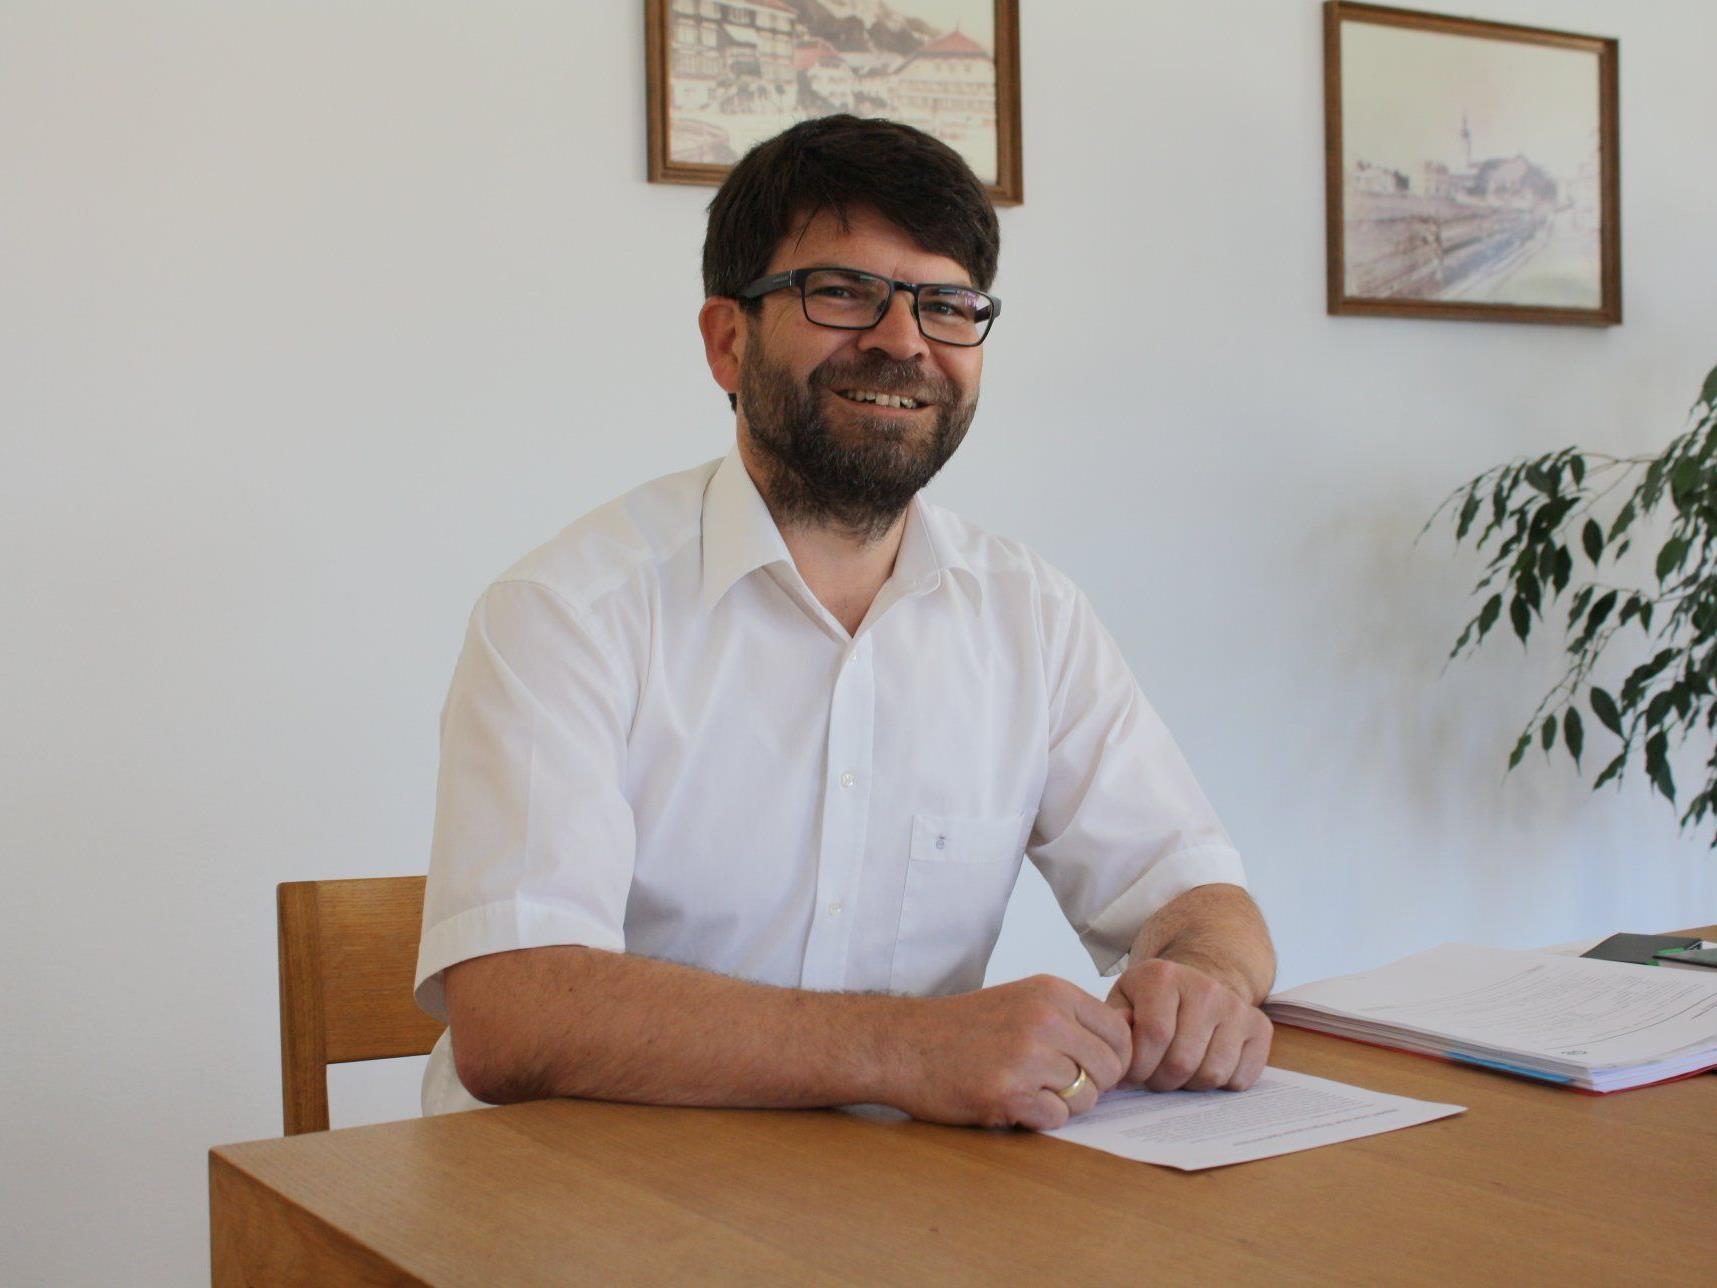 Bürgermeister Gerhard Beer möchte in Hittisau vorhandene Strukturen stärken und Neues fördern.